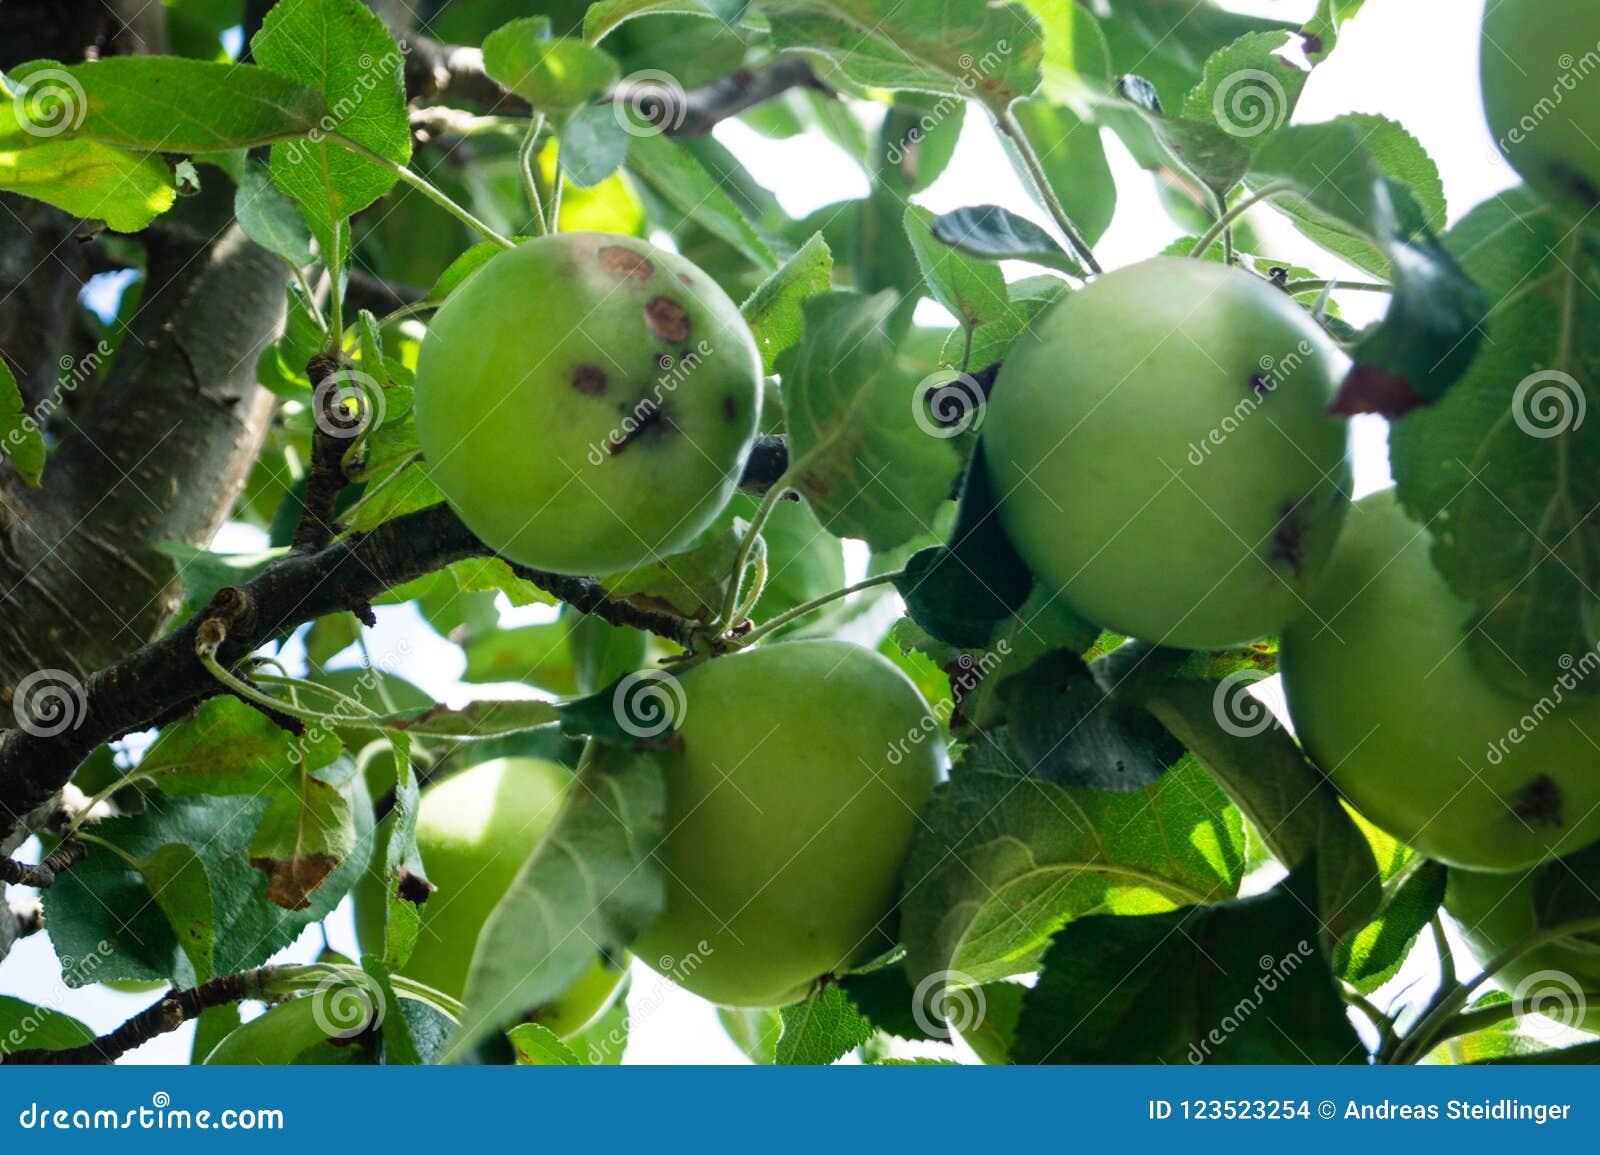 Грибковая инфекция яблок